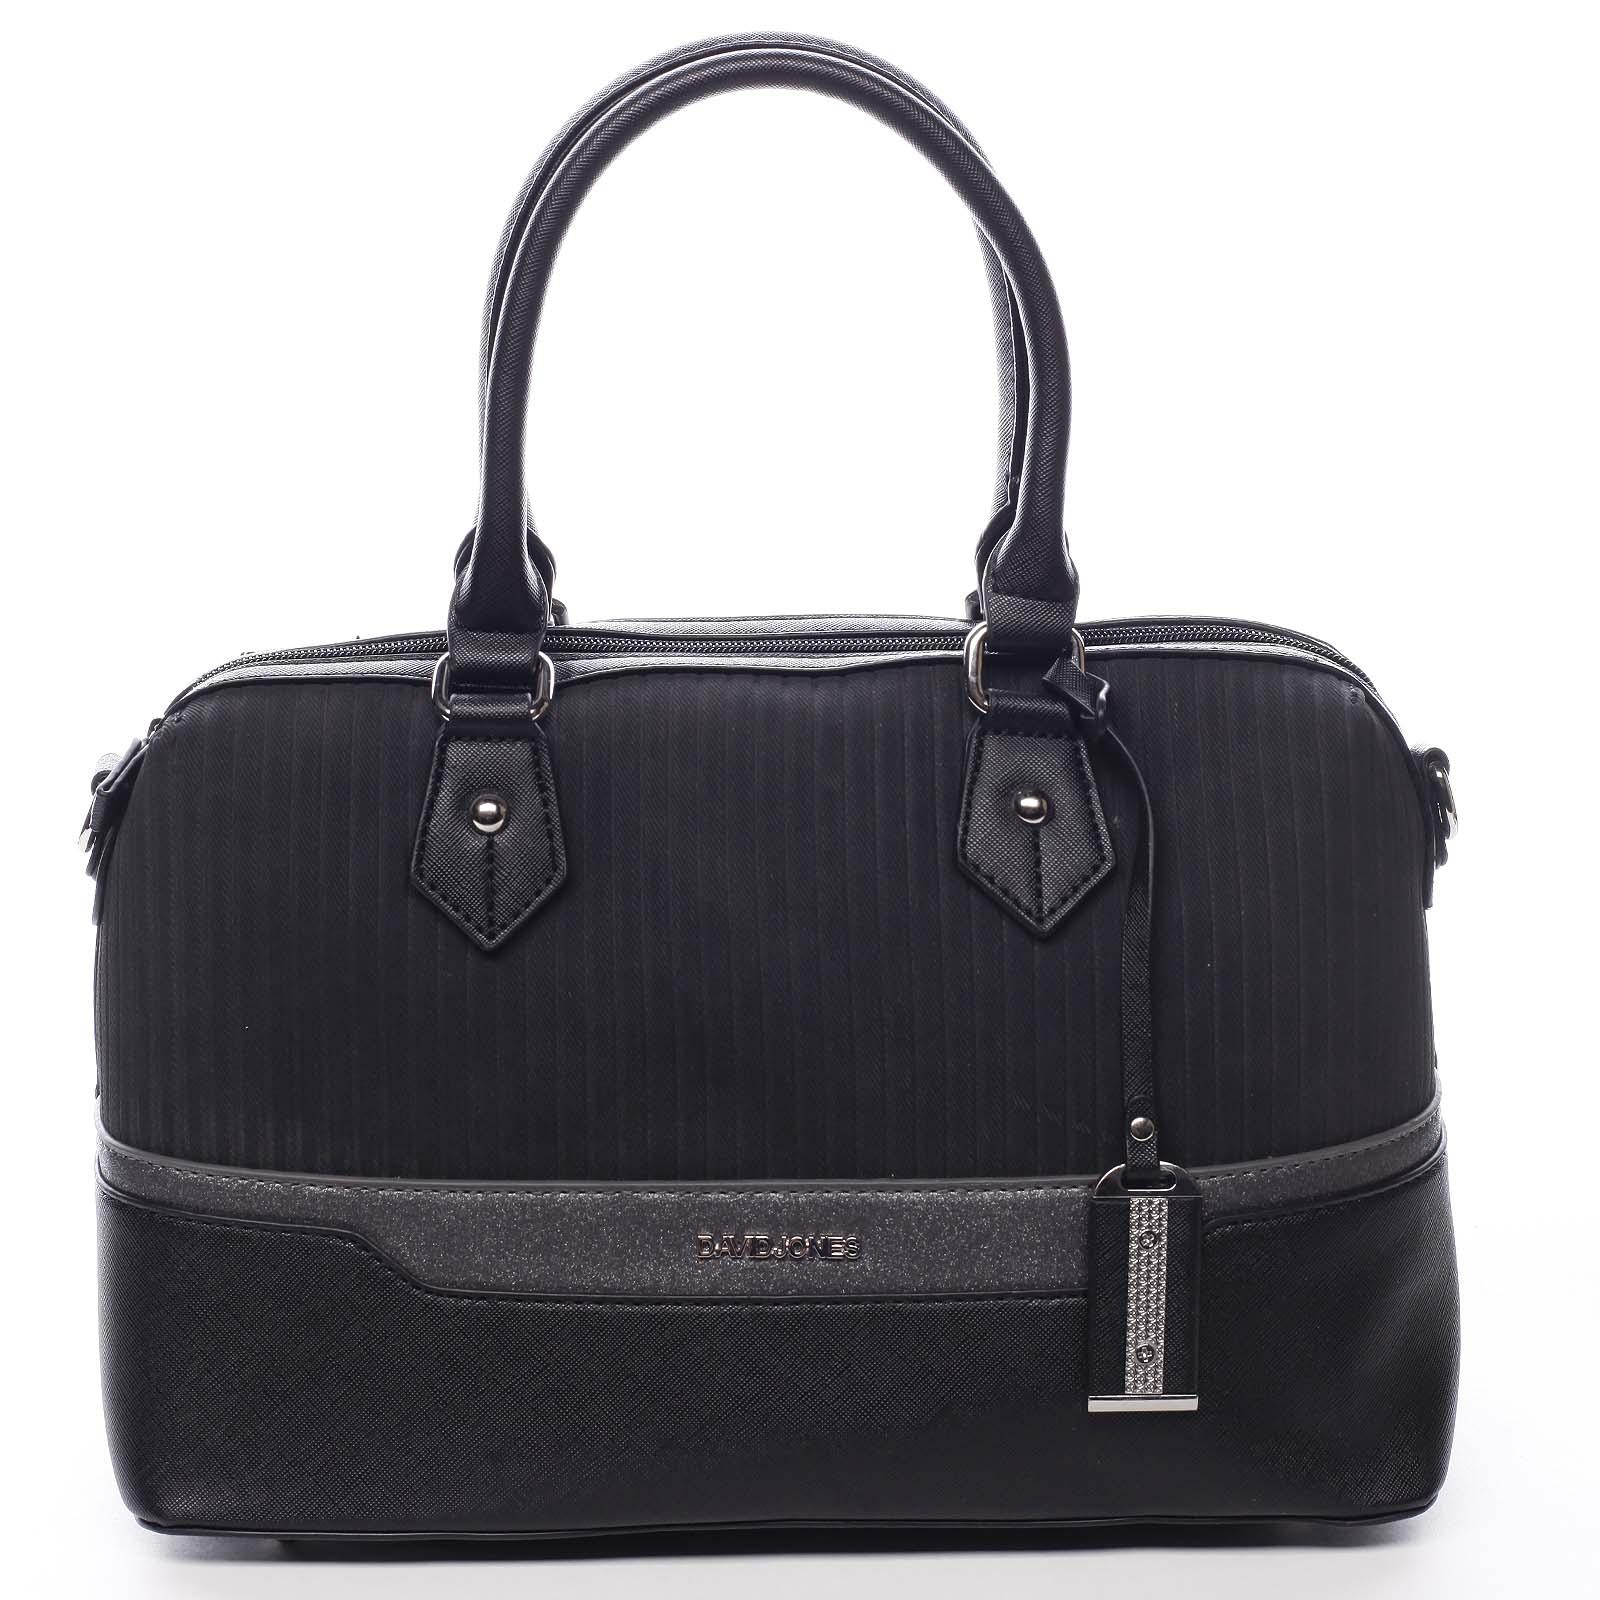 Dámska kabelka čierna - David Jones Maerless čierna